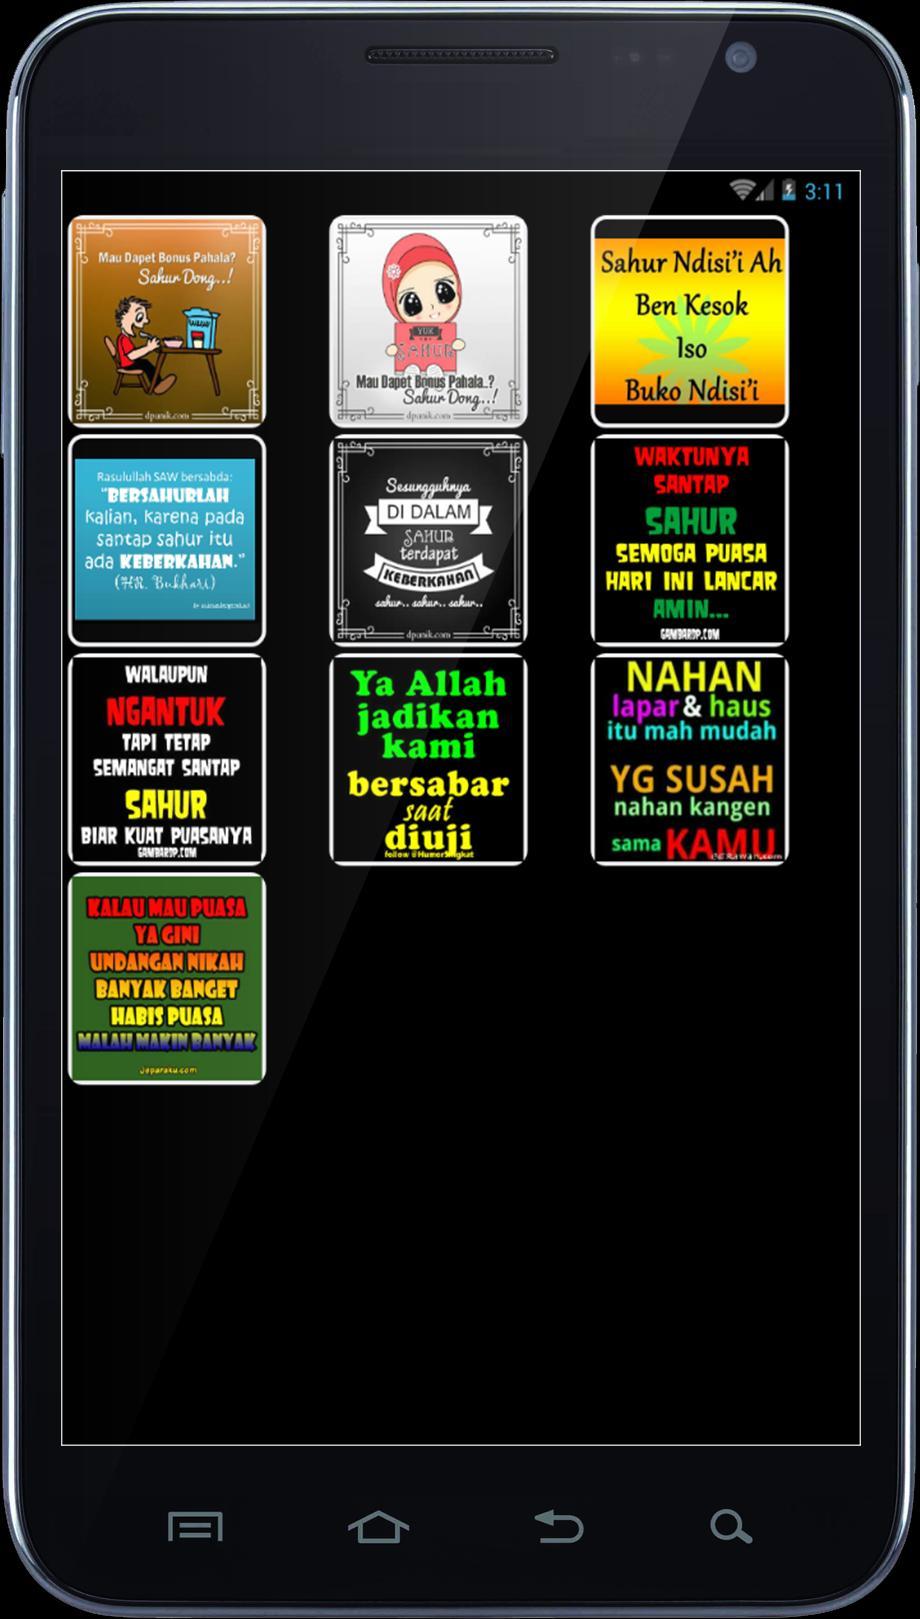 DP Gambar Lucu Sahur For Android APK Download